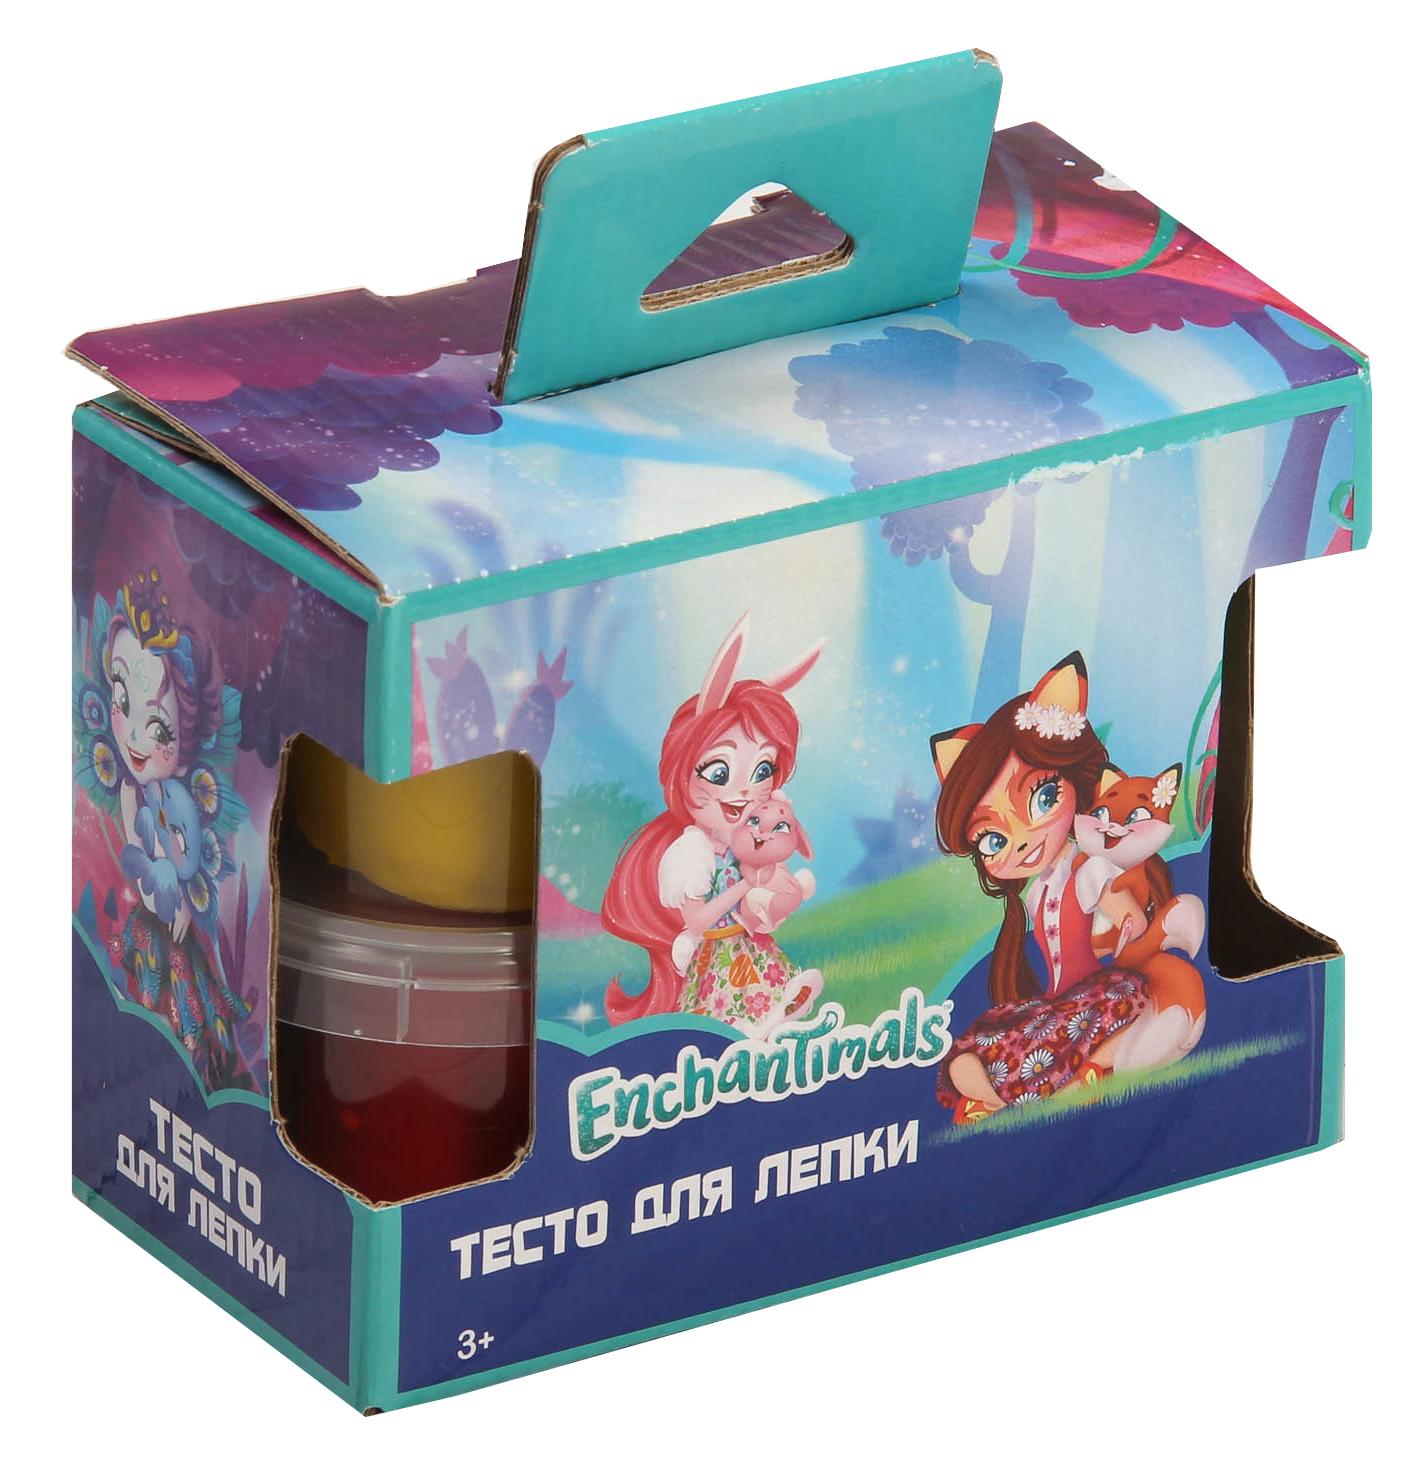 Тесто для лепки Centrum Enchantimals 4 цвета наборы для лепки centrum тесто для лепки смешарики